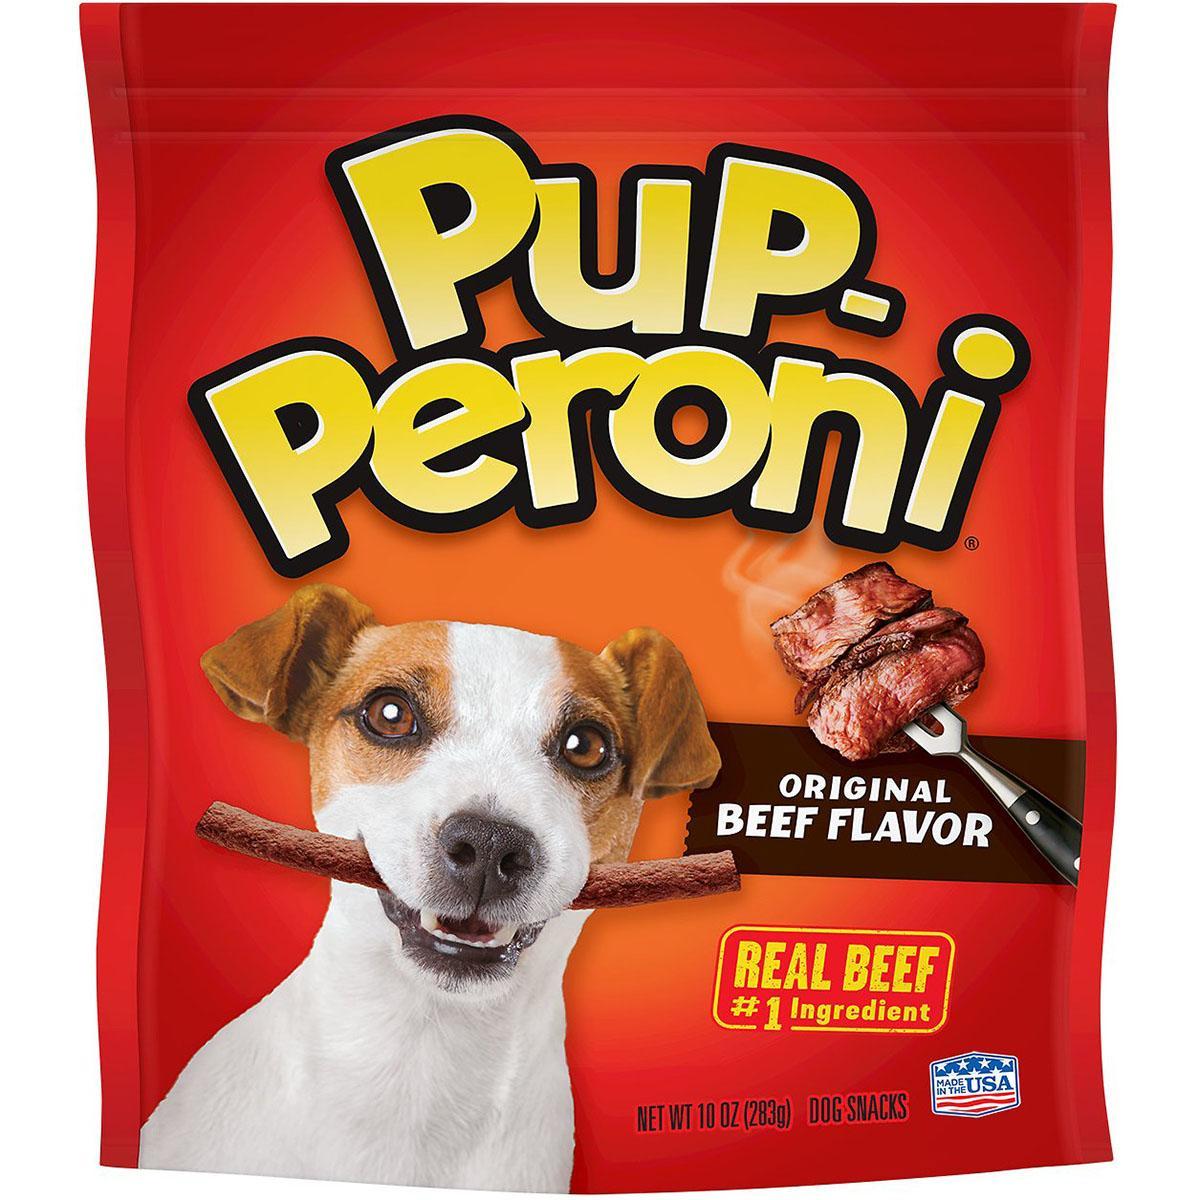 Pup-Peroni Original Beef Flavor Dog Treats